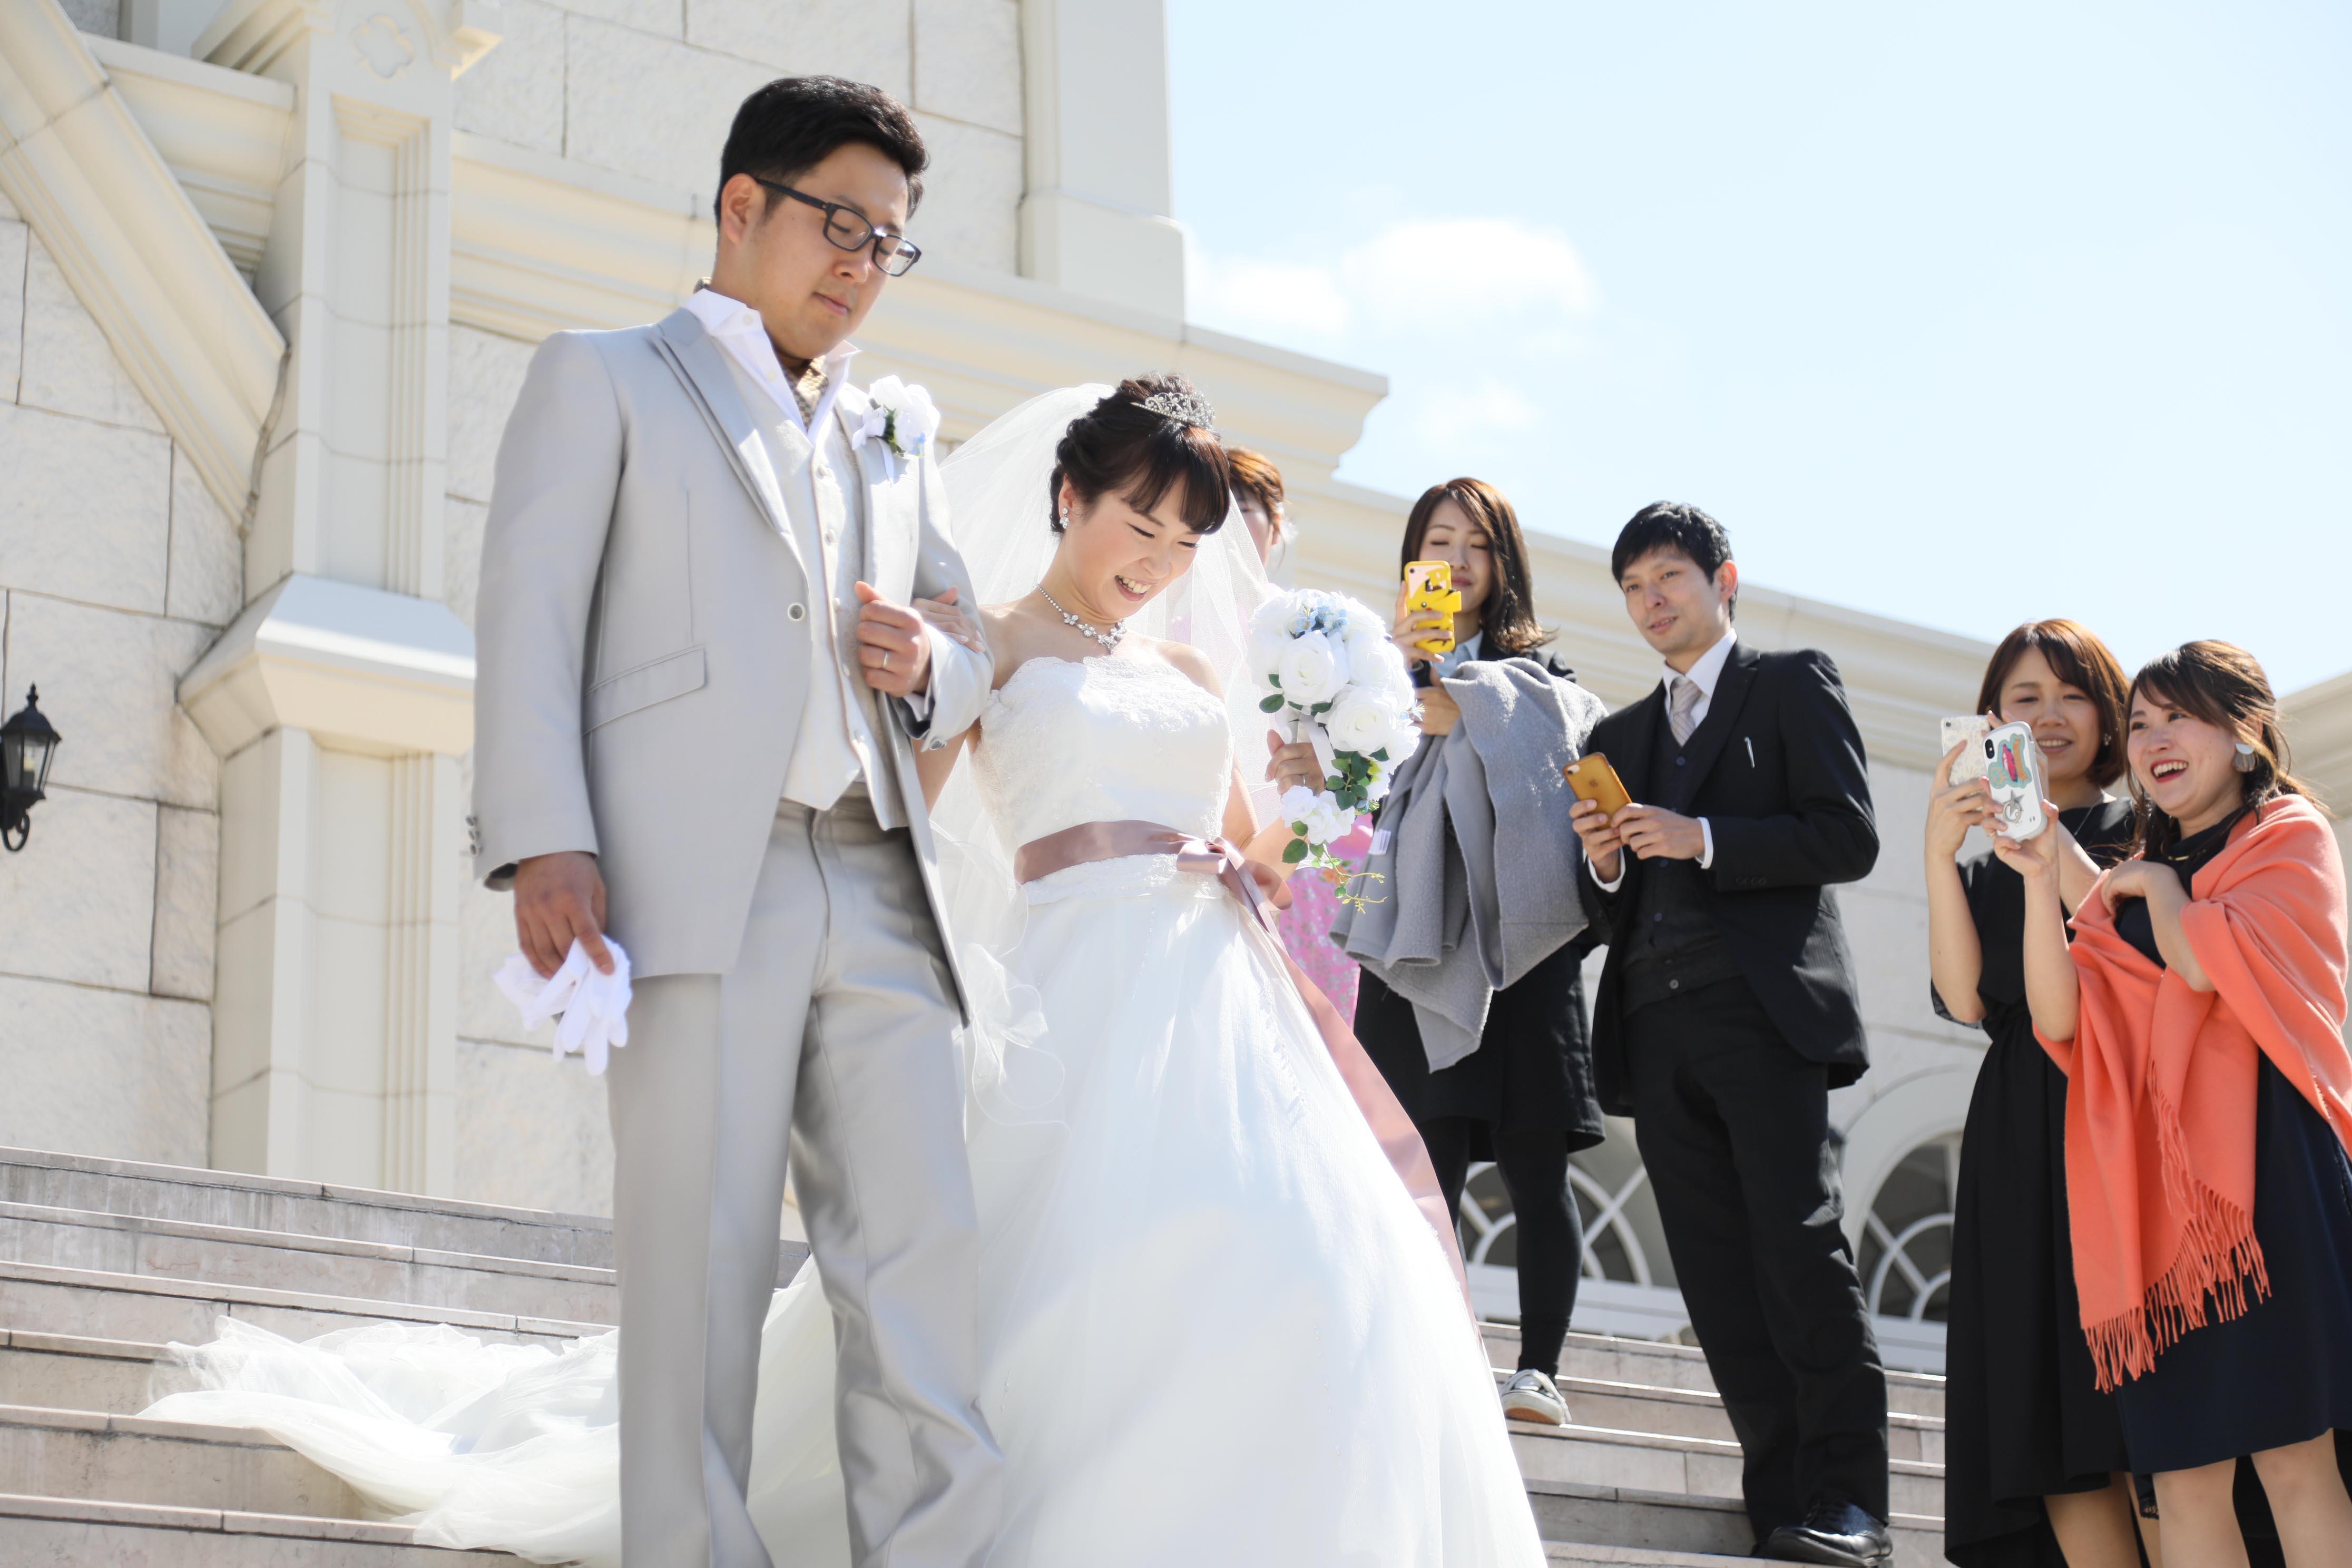 香川県高松市の小さな結婚式紹介所マリマリコンシェルジュで少人数での結婚式をご案内